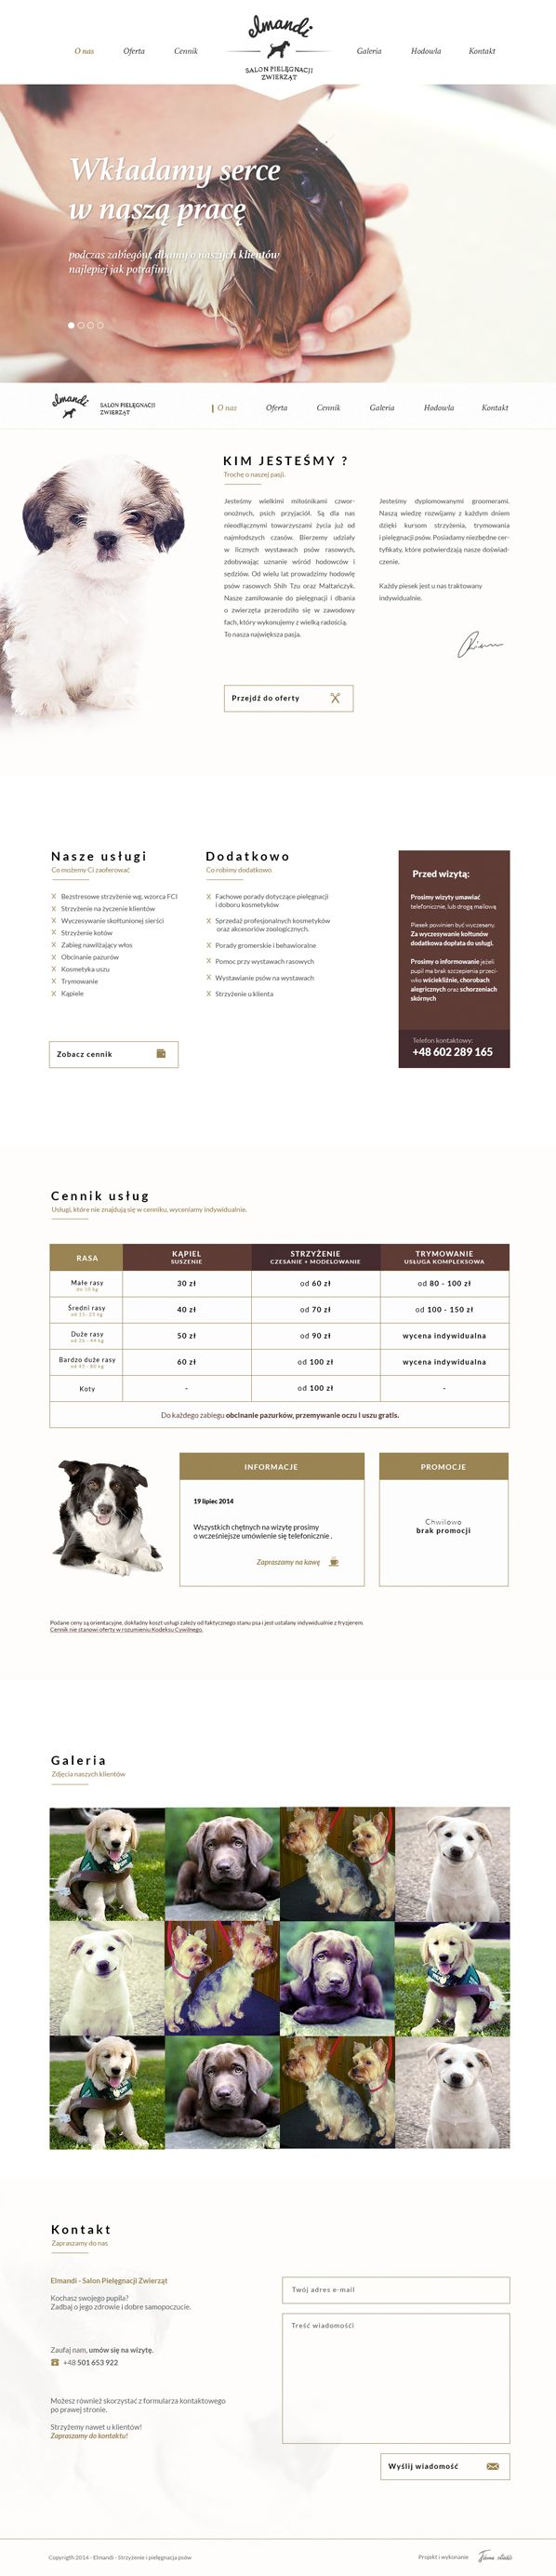 45 best dog grooming images on pinterest dog grooming business elmandi groomer on behance website httpbit1ojpetr solutioingenieria Gallery